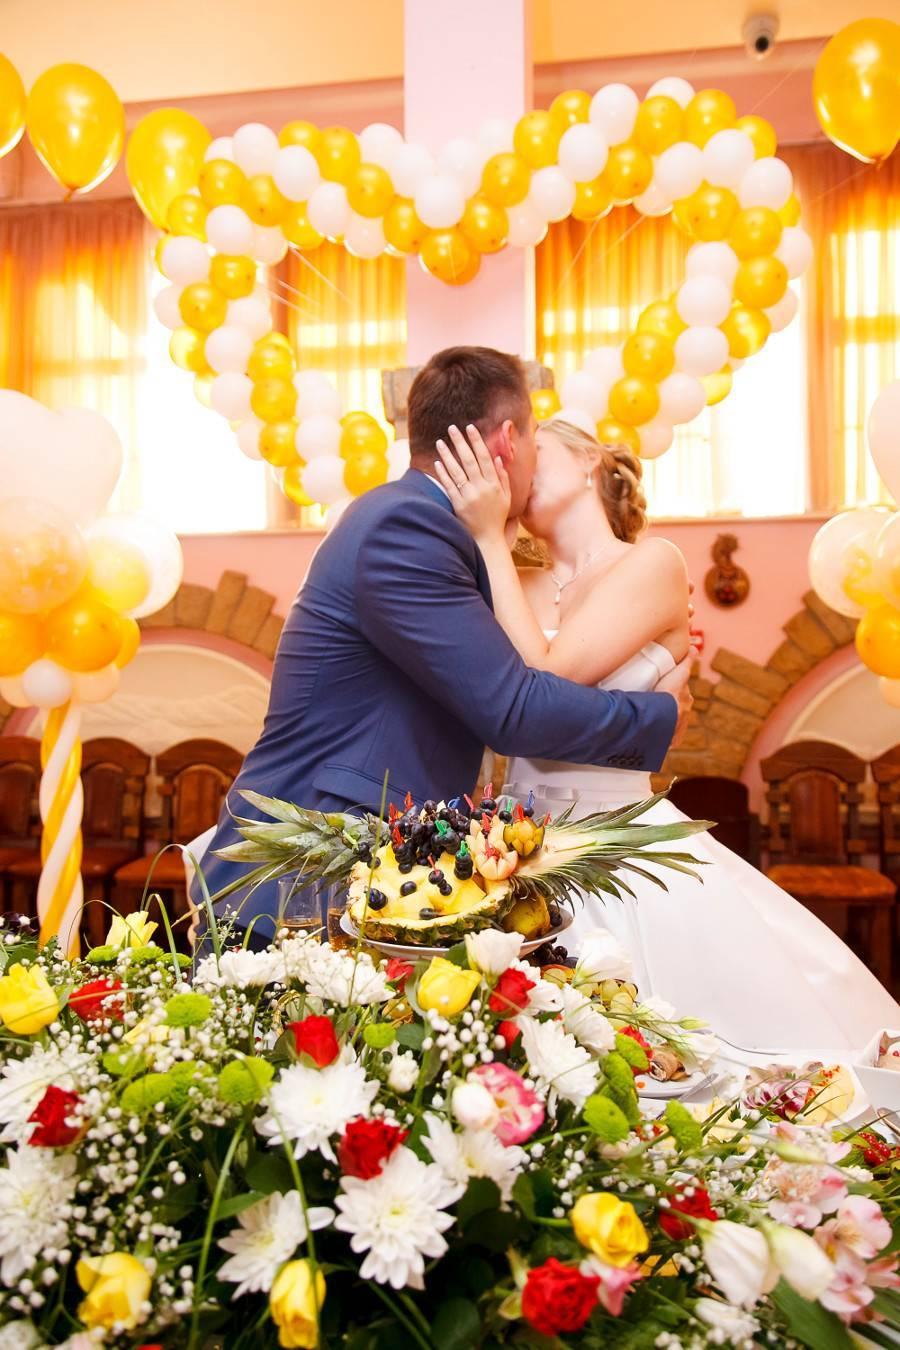 Зачем «горчить» на свадьбе?